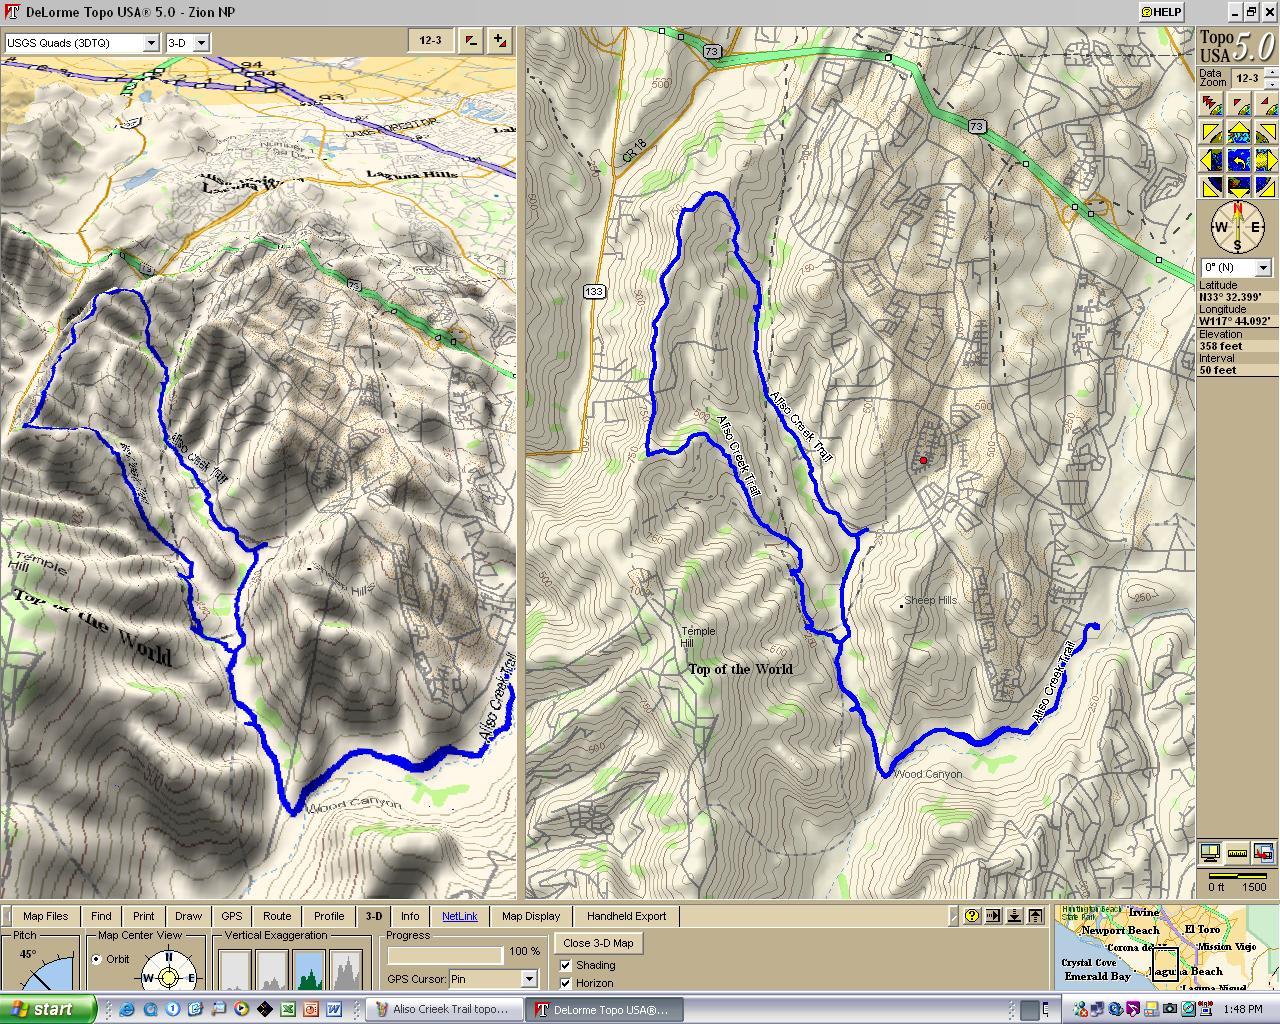 Aliso_Crieek_Trail_topo_3D.JPG